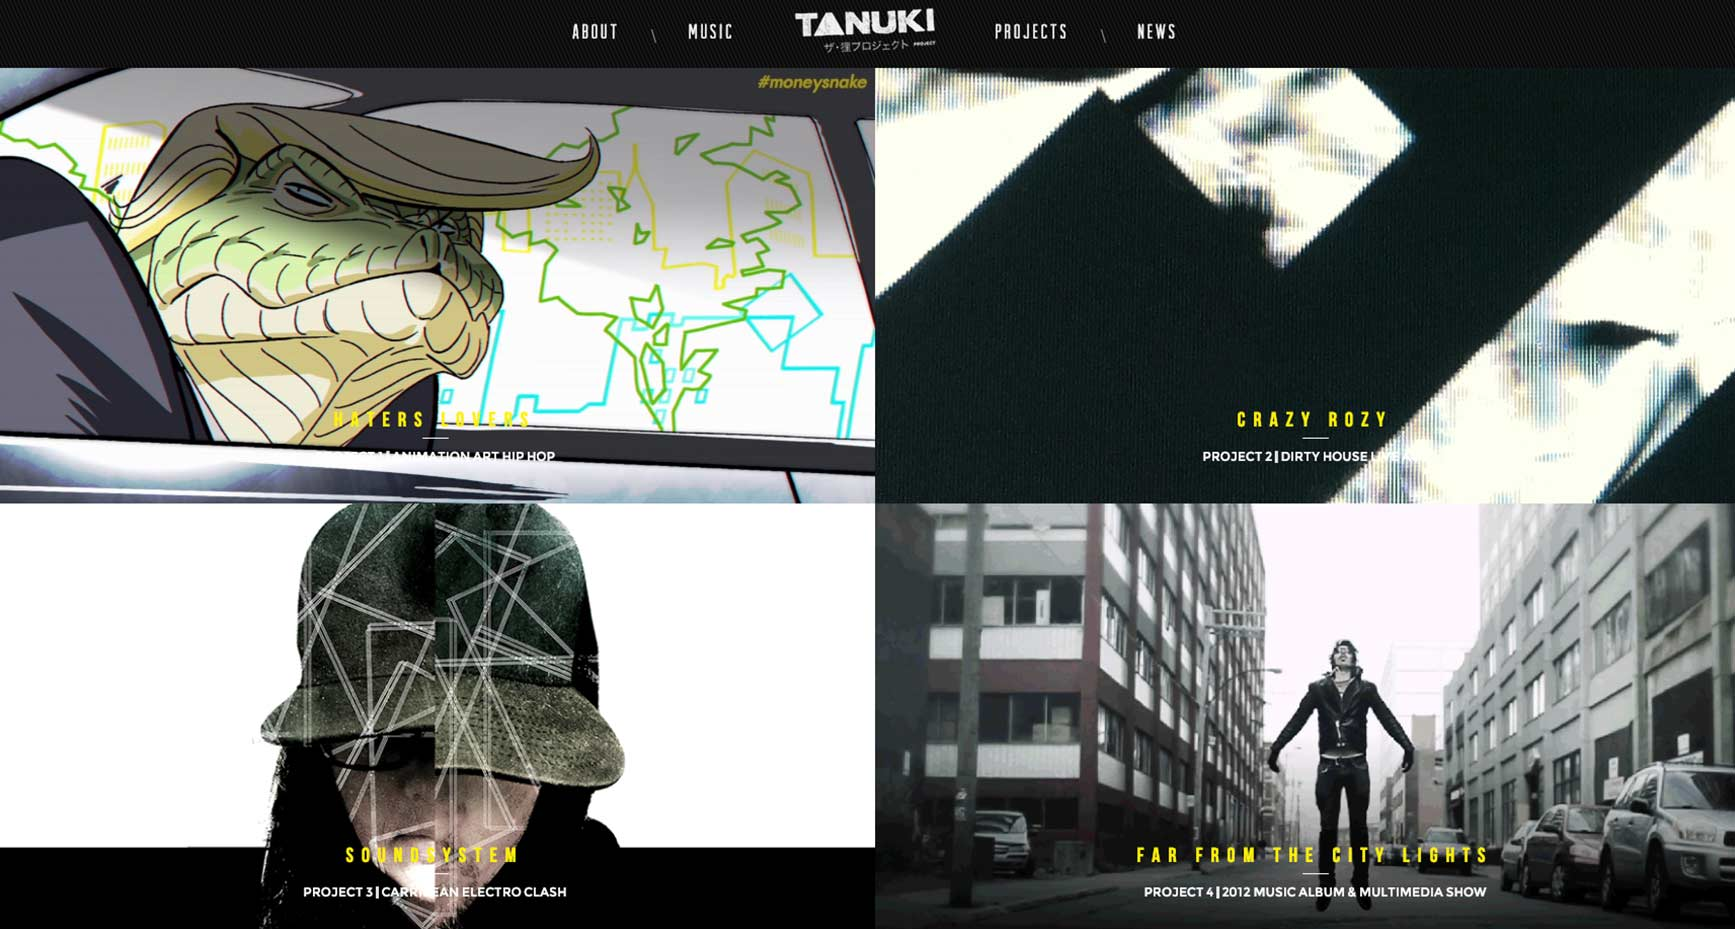 La Cuisine Tanuki Project Website